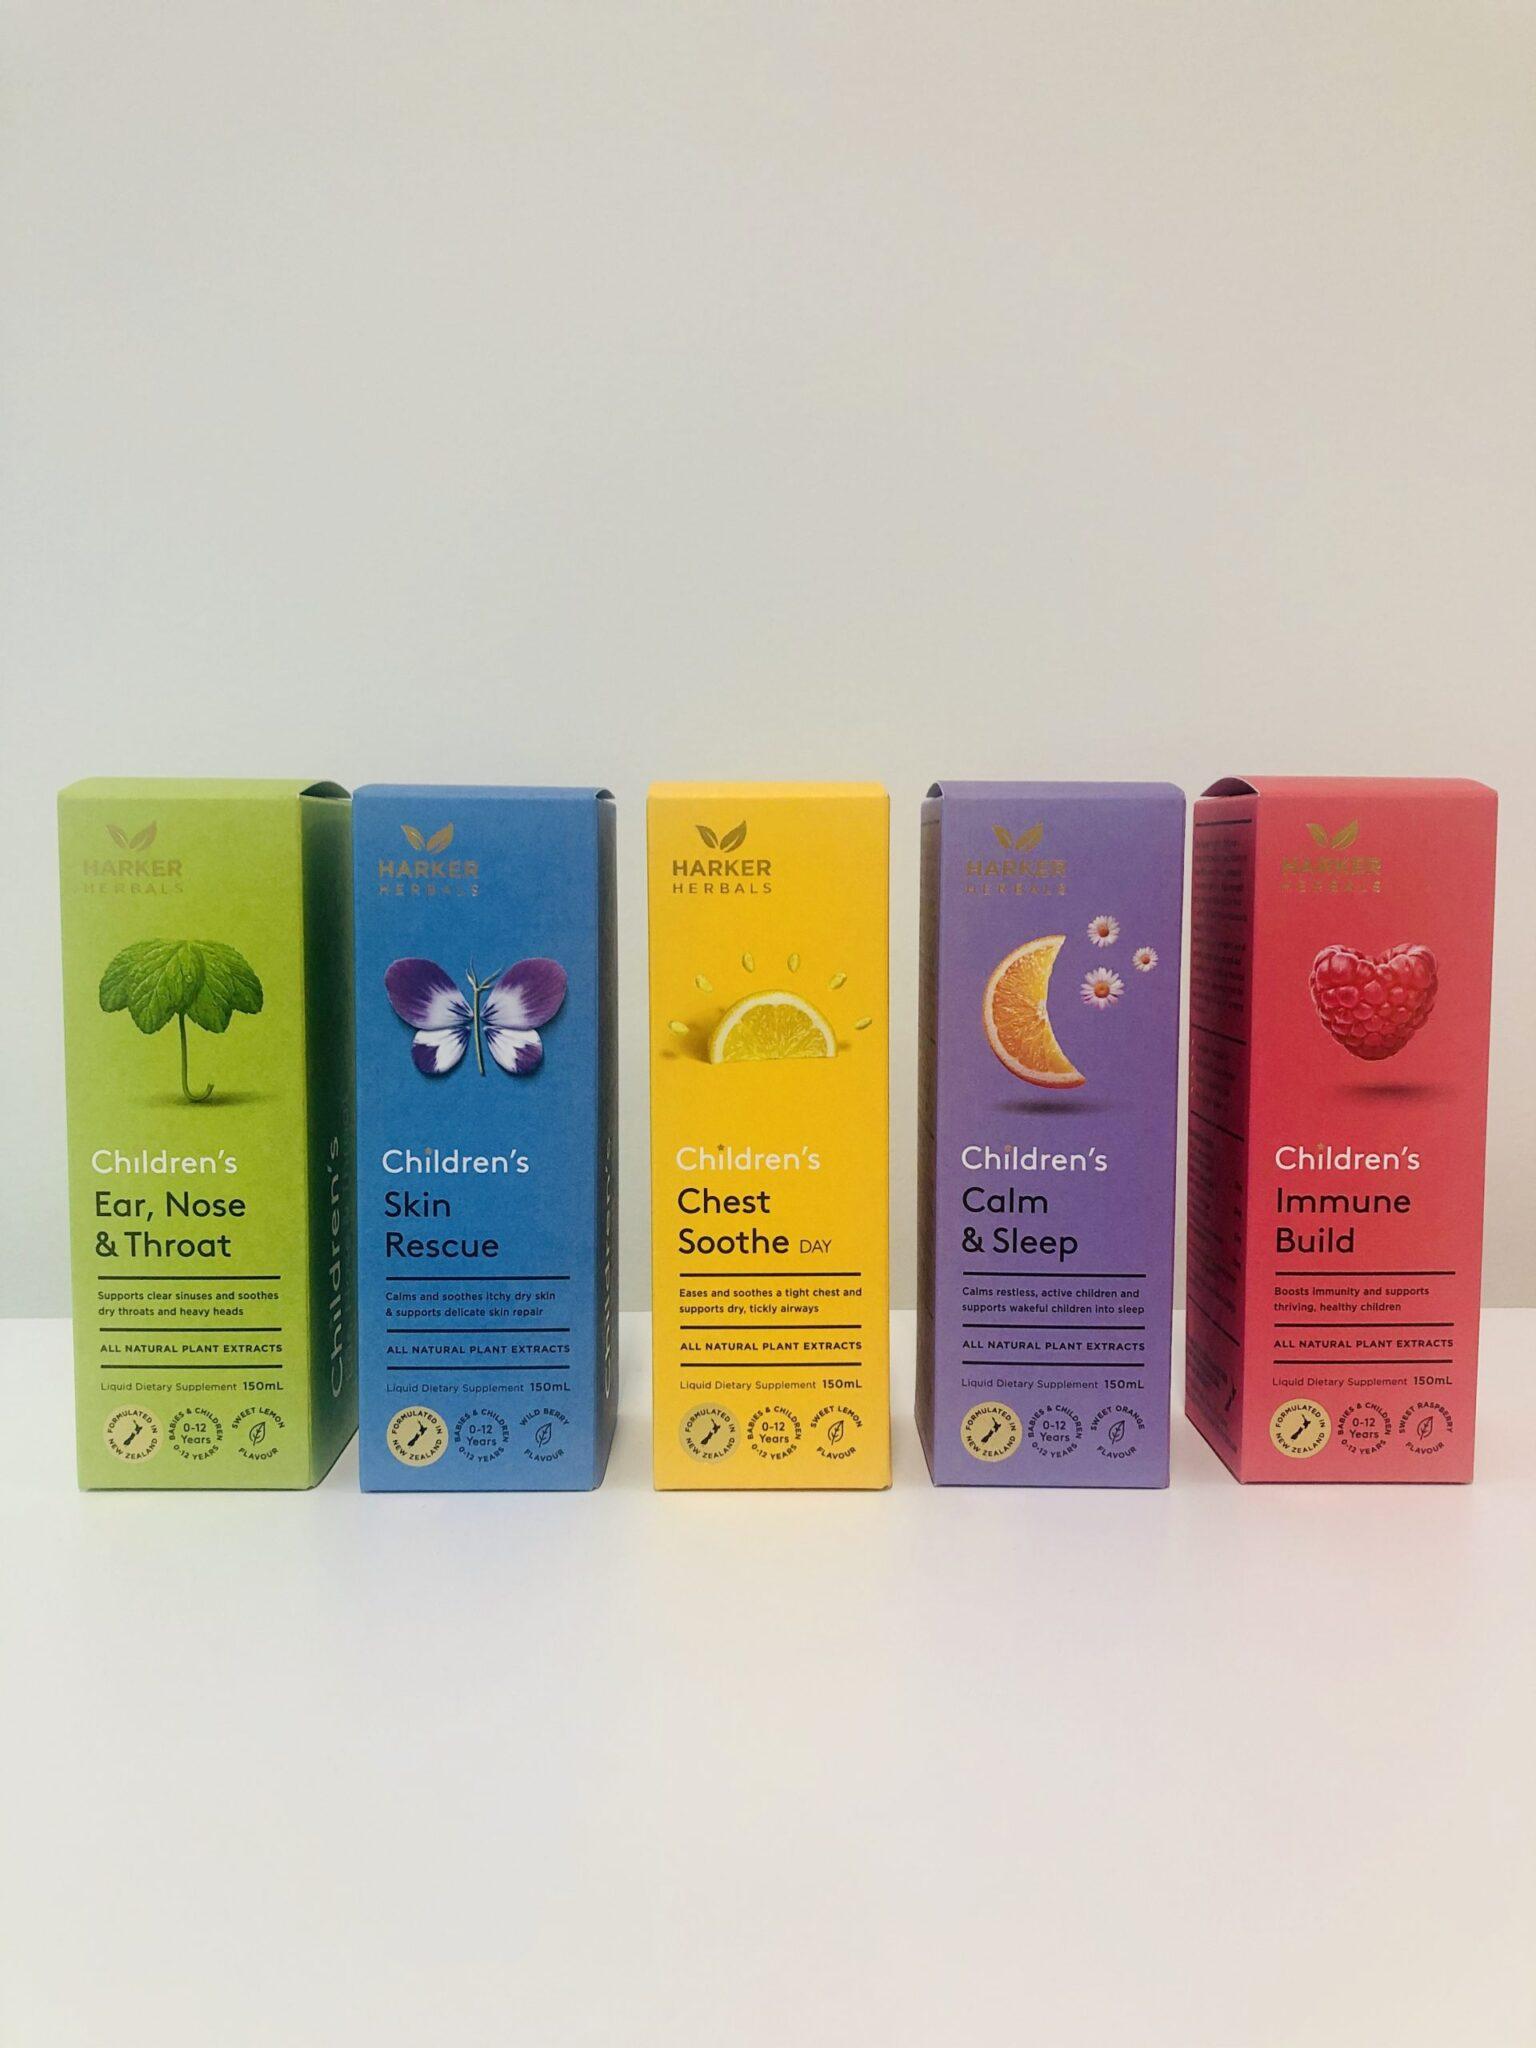 Harker Herbals Pharmaceutical Packaging